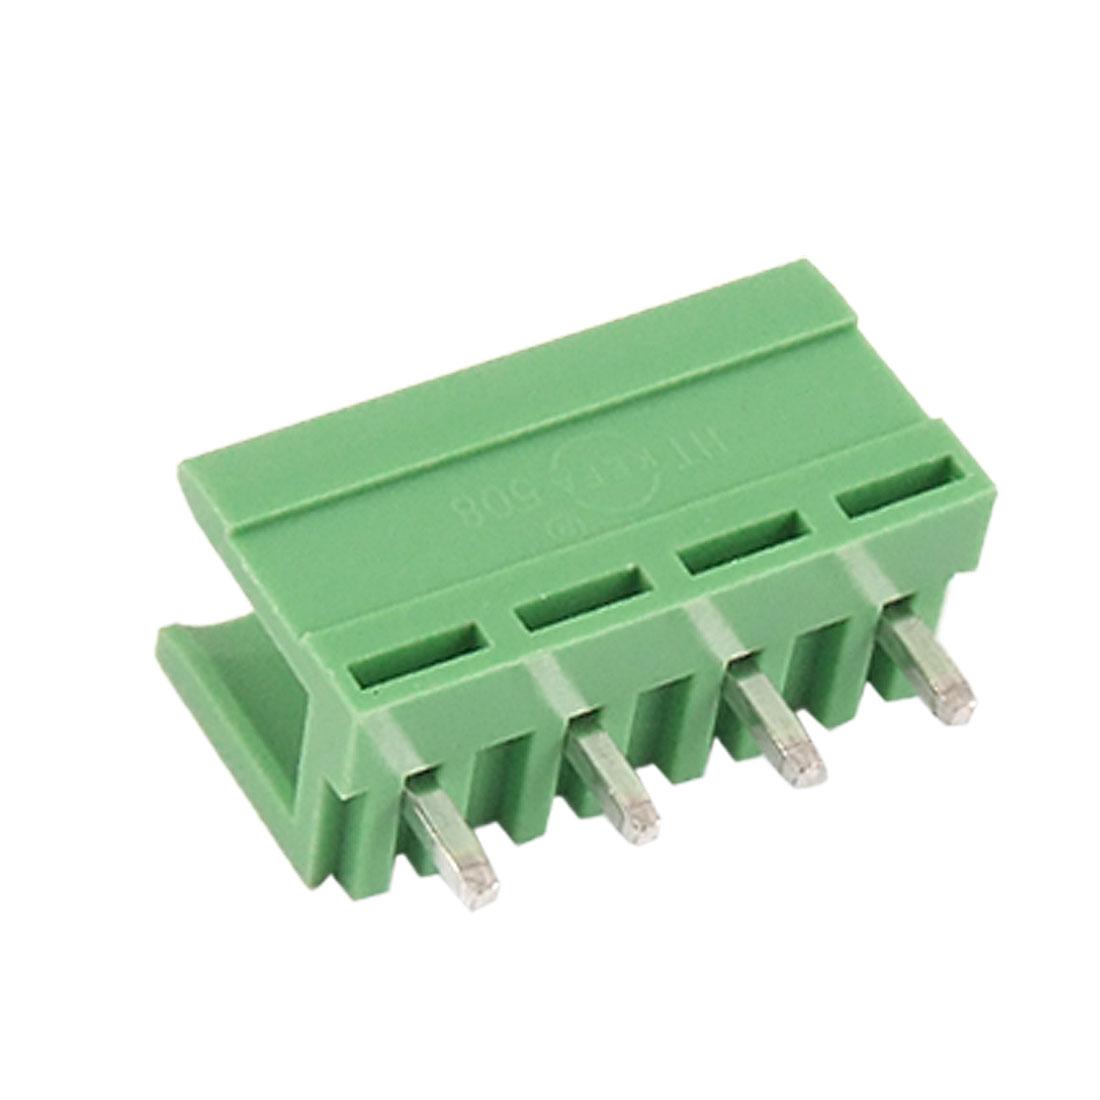 10 Pcs 5mm Pitch 4P 4-Way Terminal Block AC 220V 5A